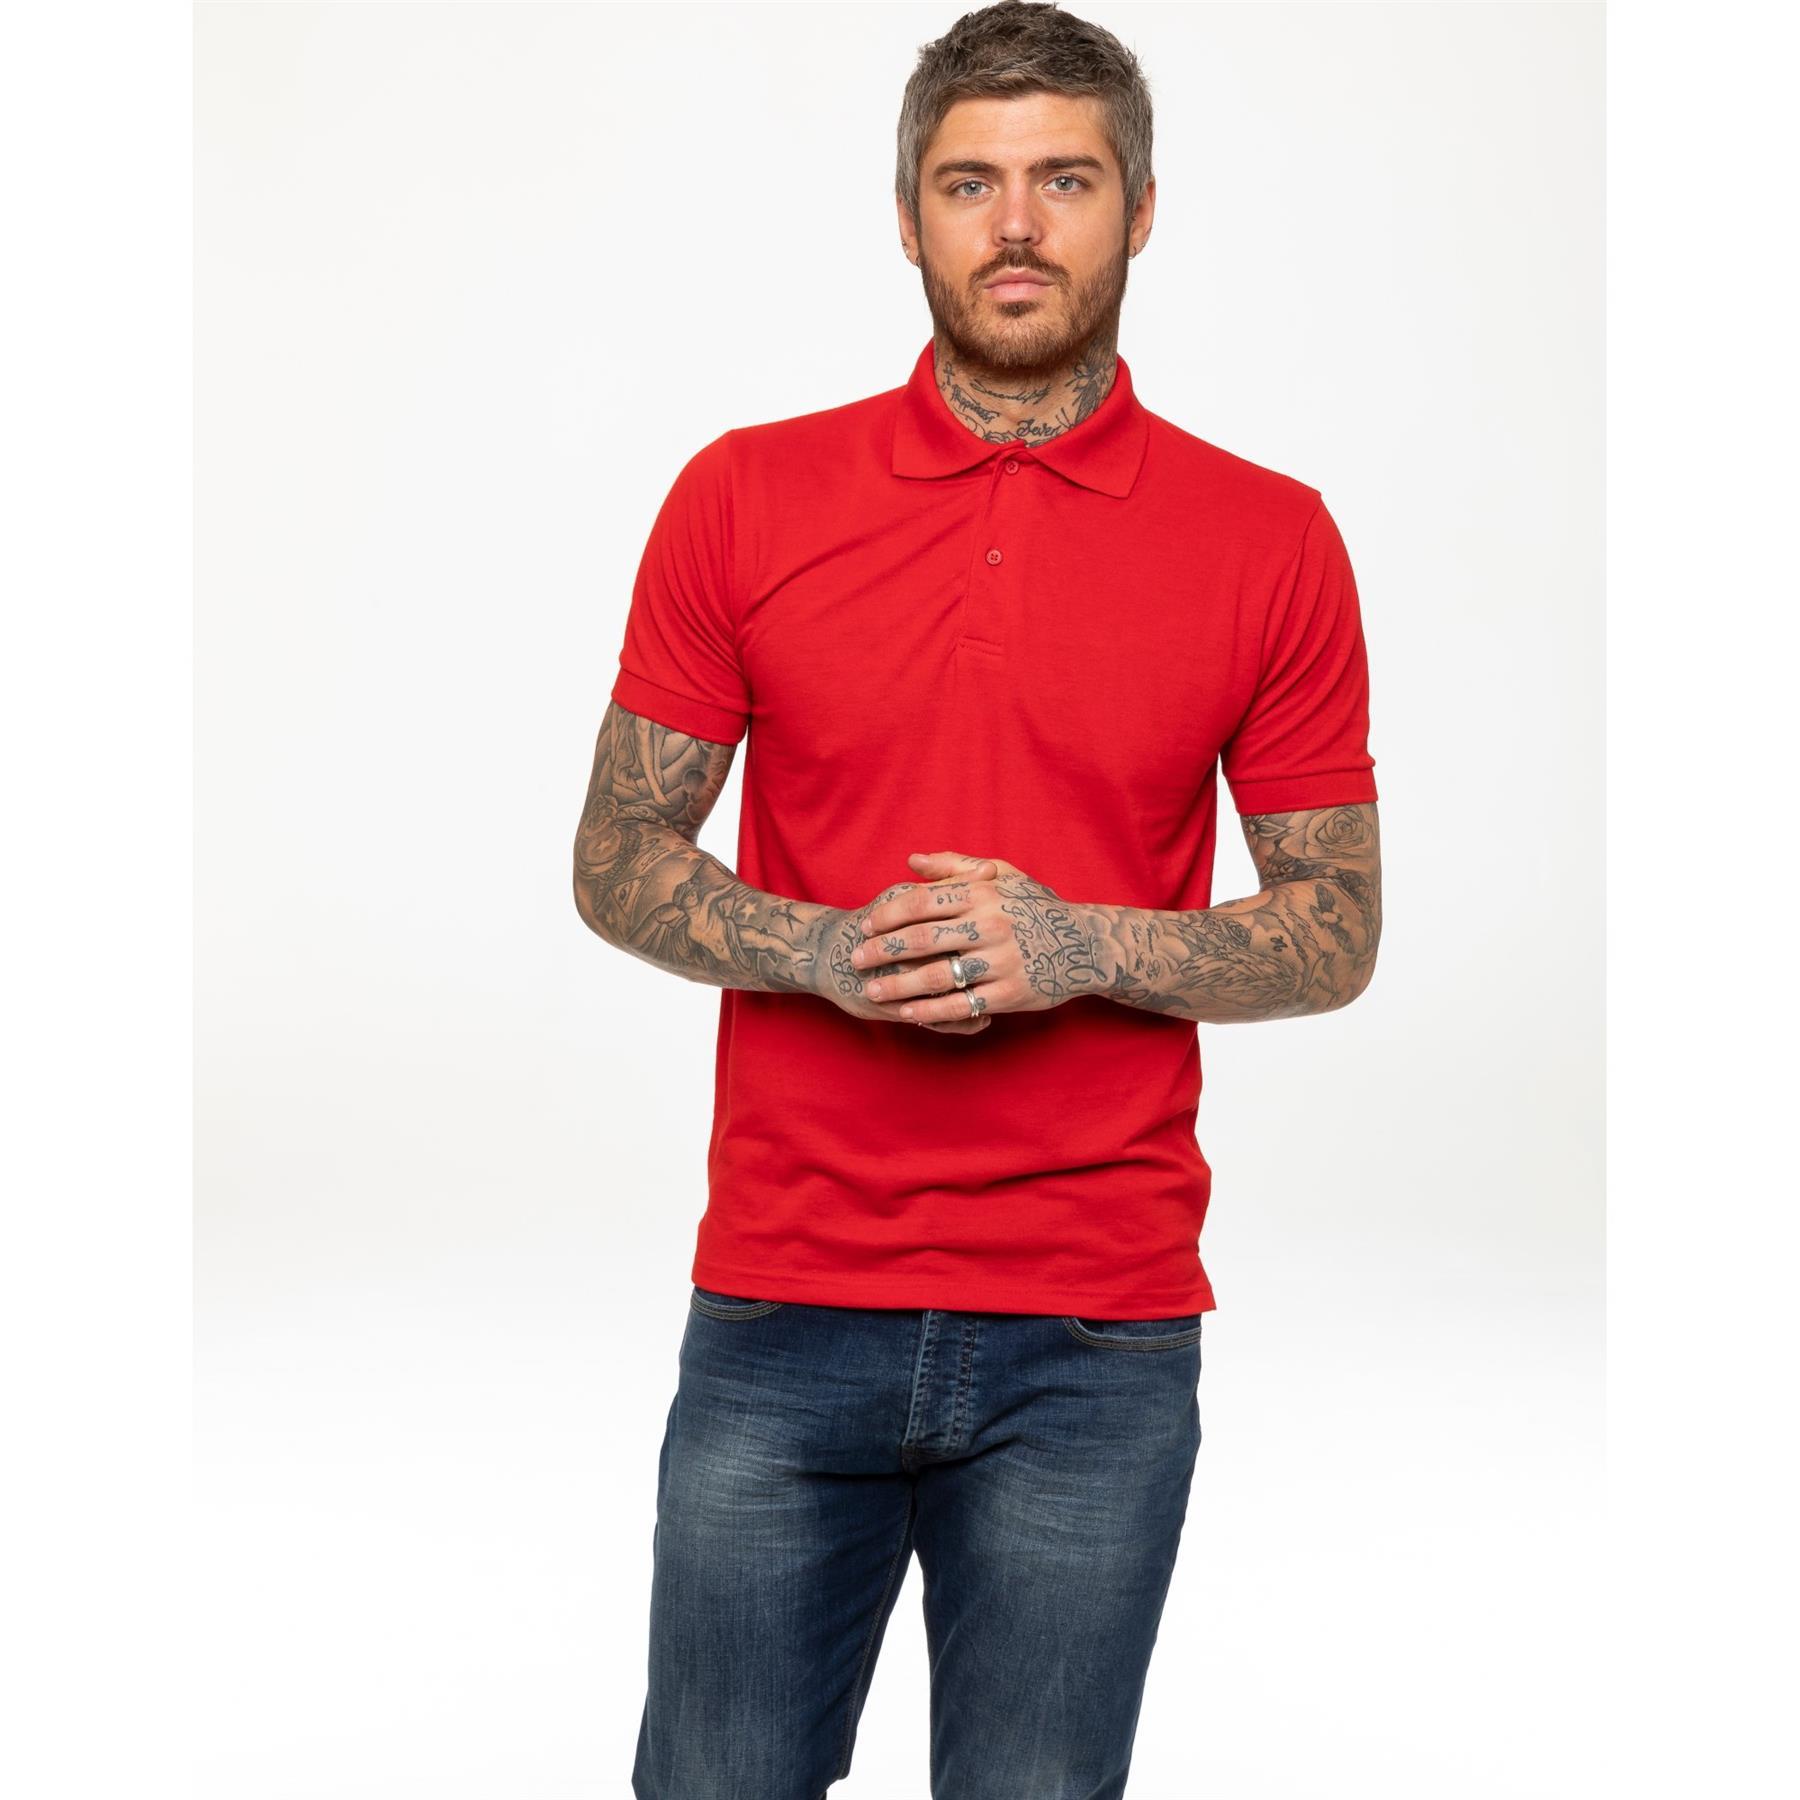 Indexbild 38 - Herren Polohemd Freizeit T-Shirts Neu Schlicht Kurzärmeliges Regular Fit